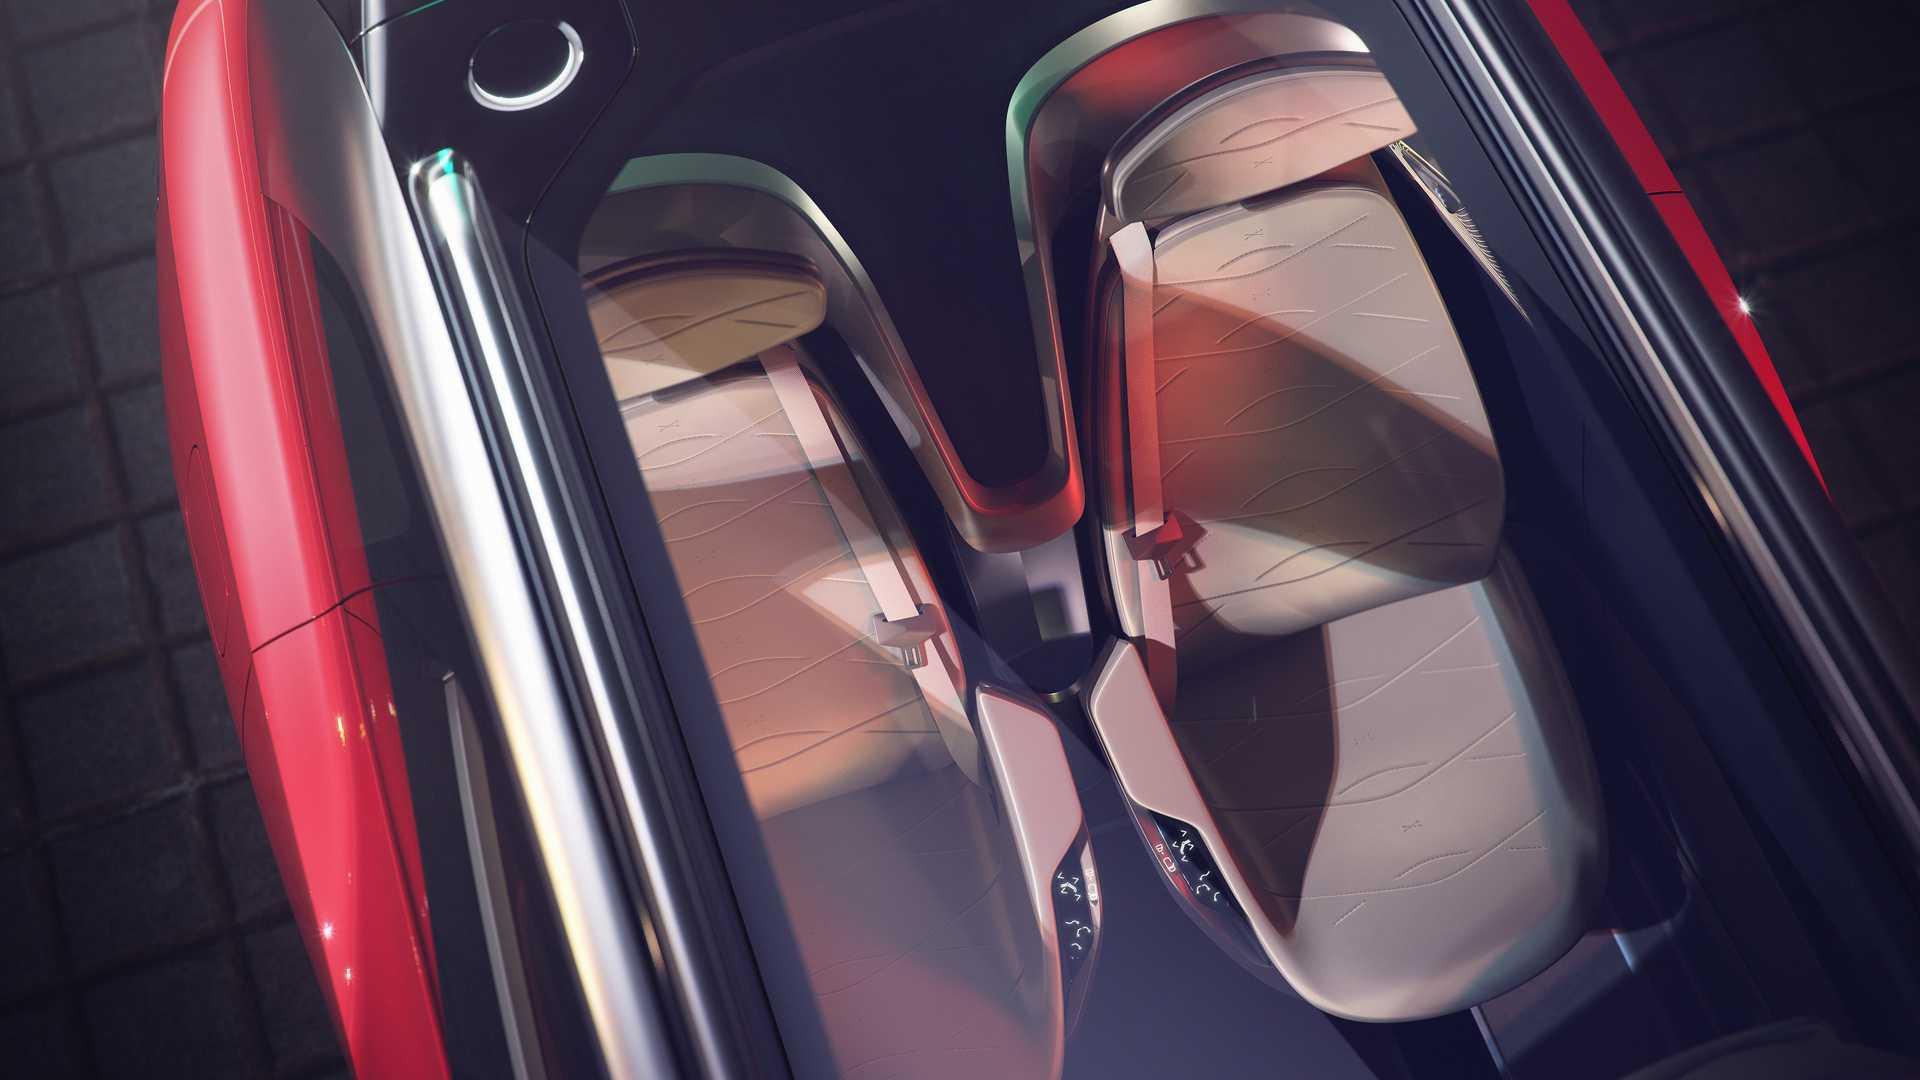 2021-volkswagen-i-d-roomzz (3)